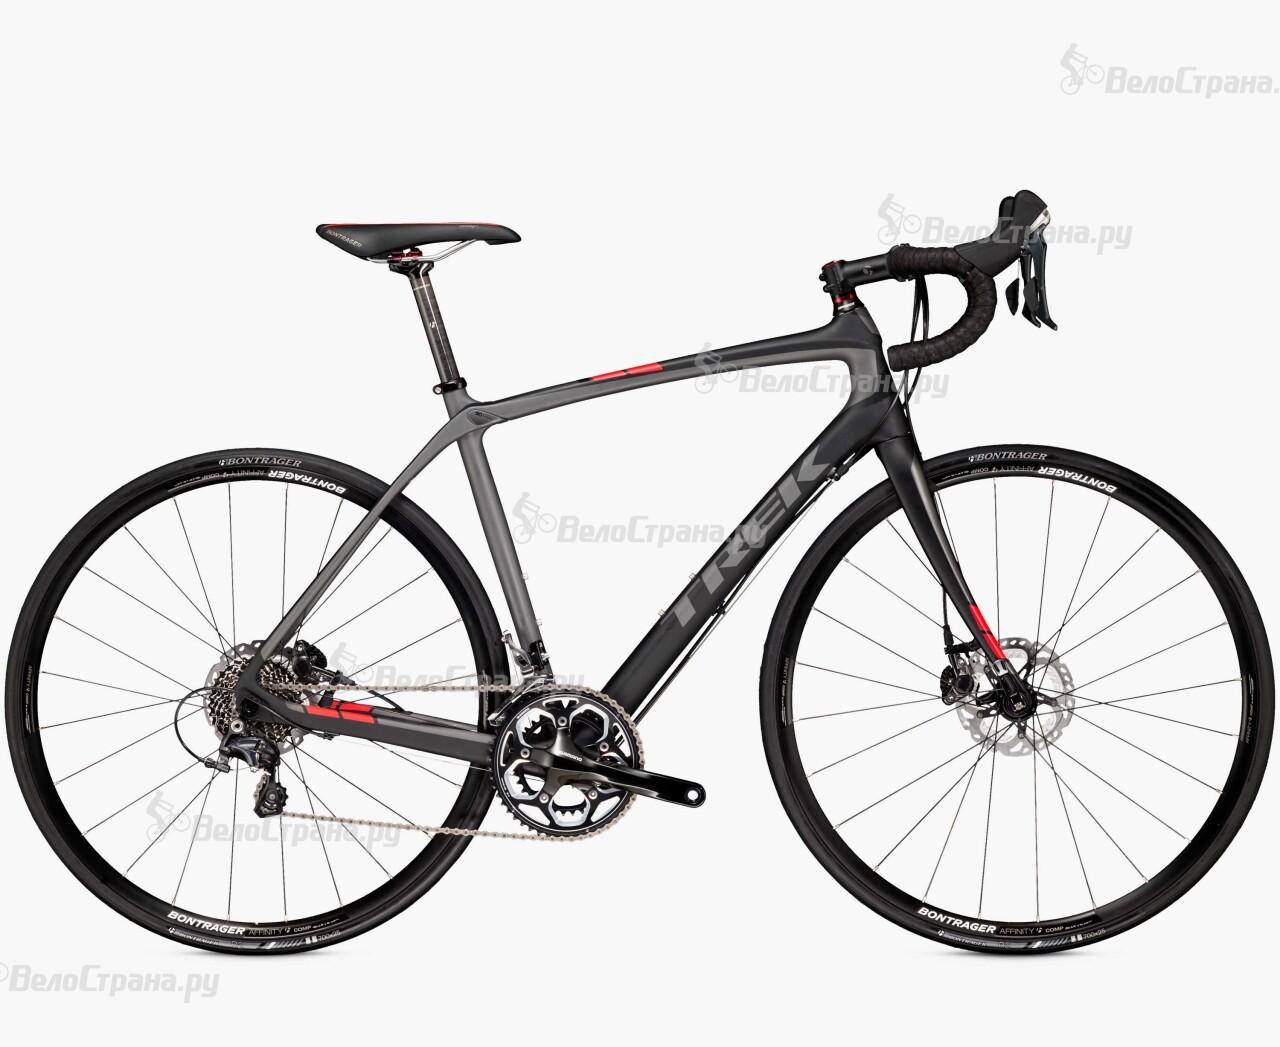 Велосипед Trek Domane 4.5 Disc (2016) велосипед trek domane alr 4 disc 2017